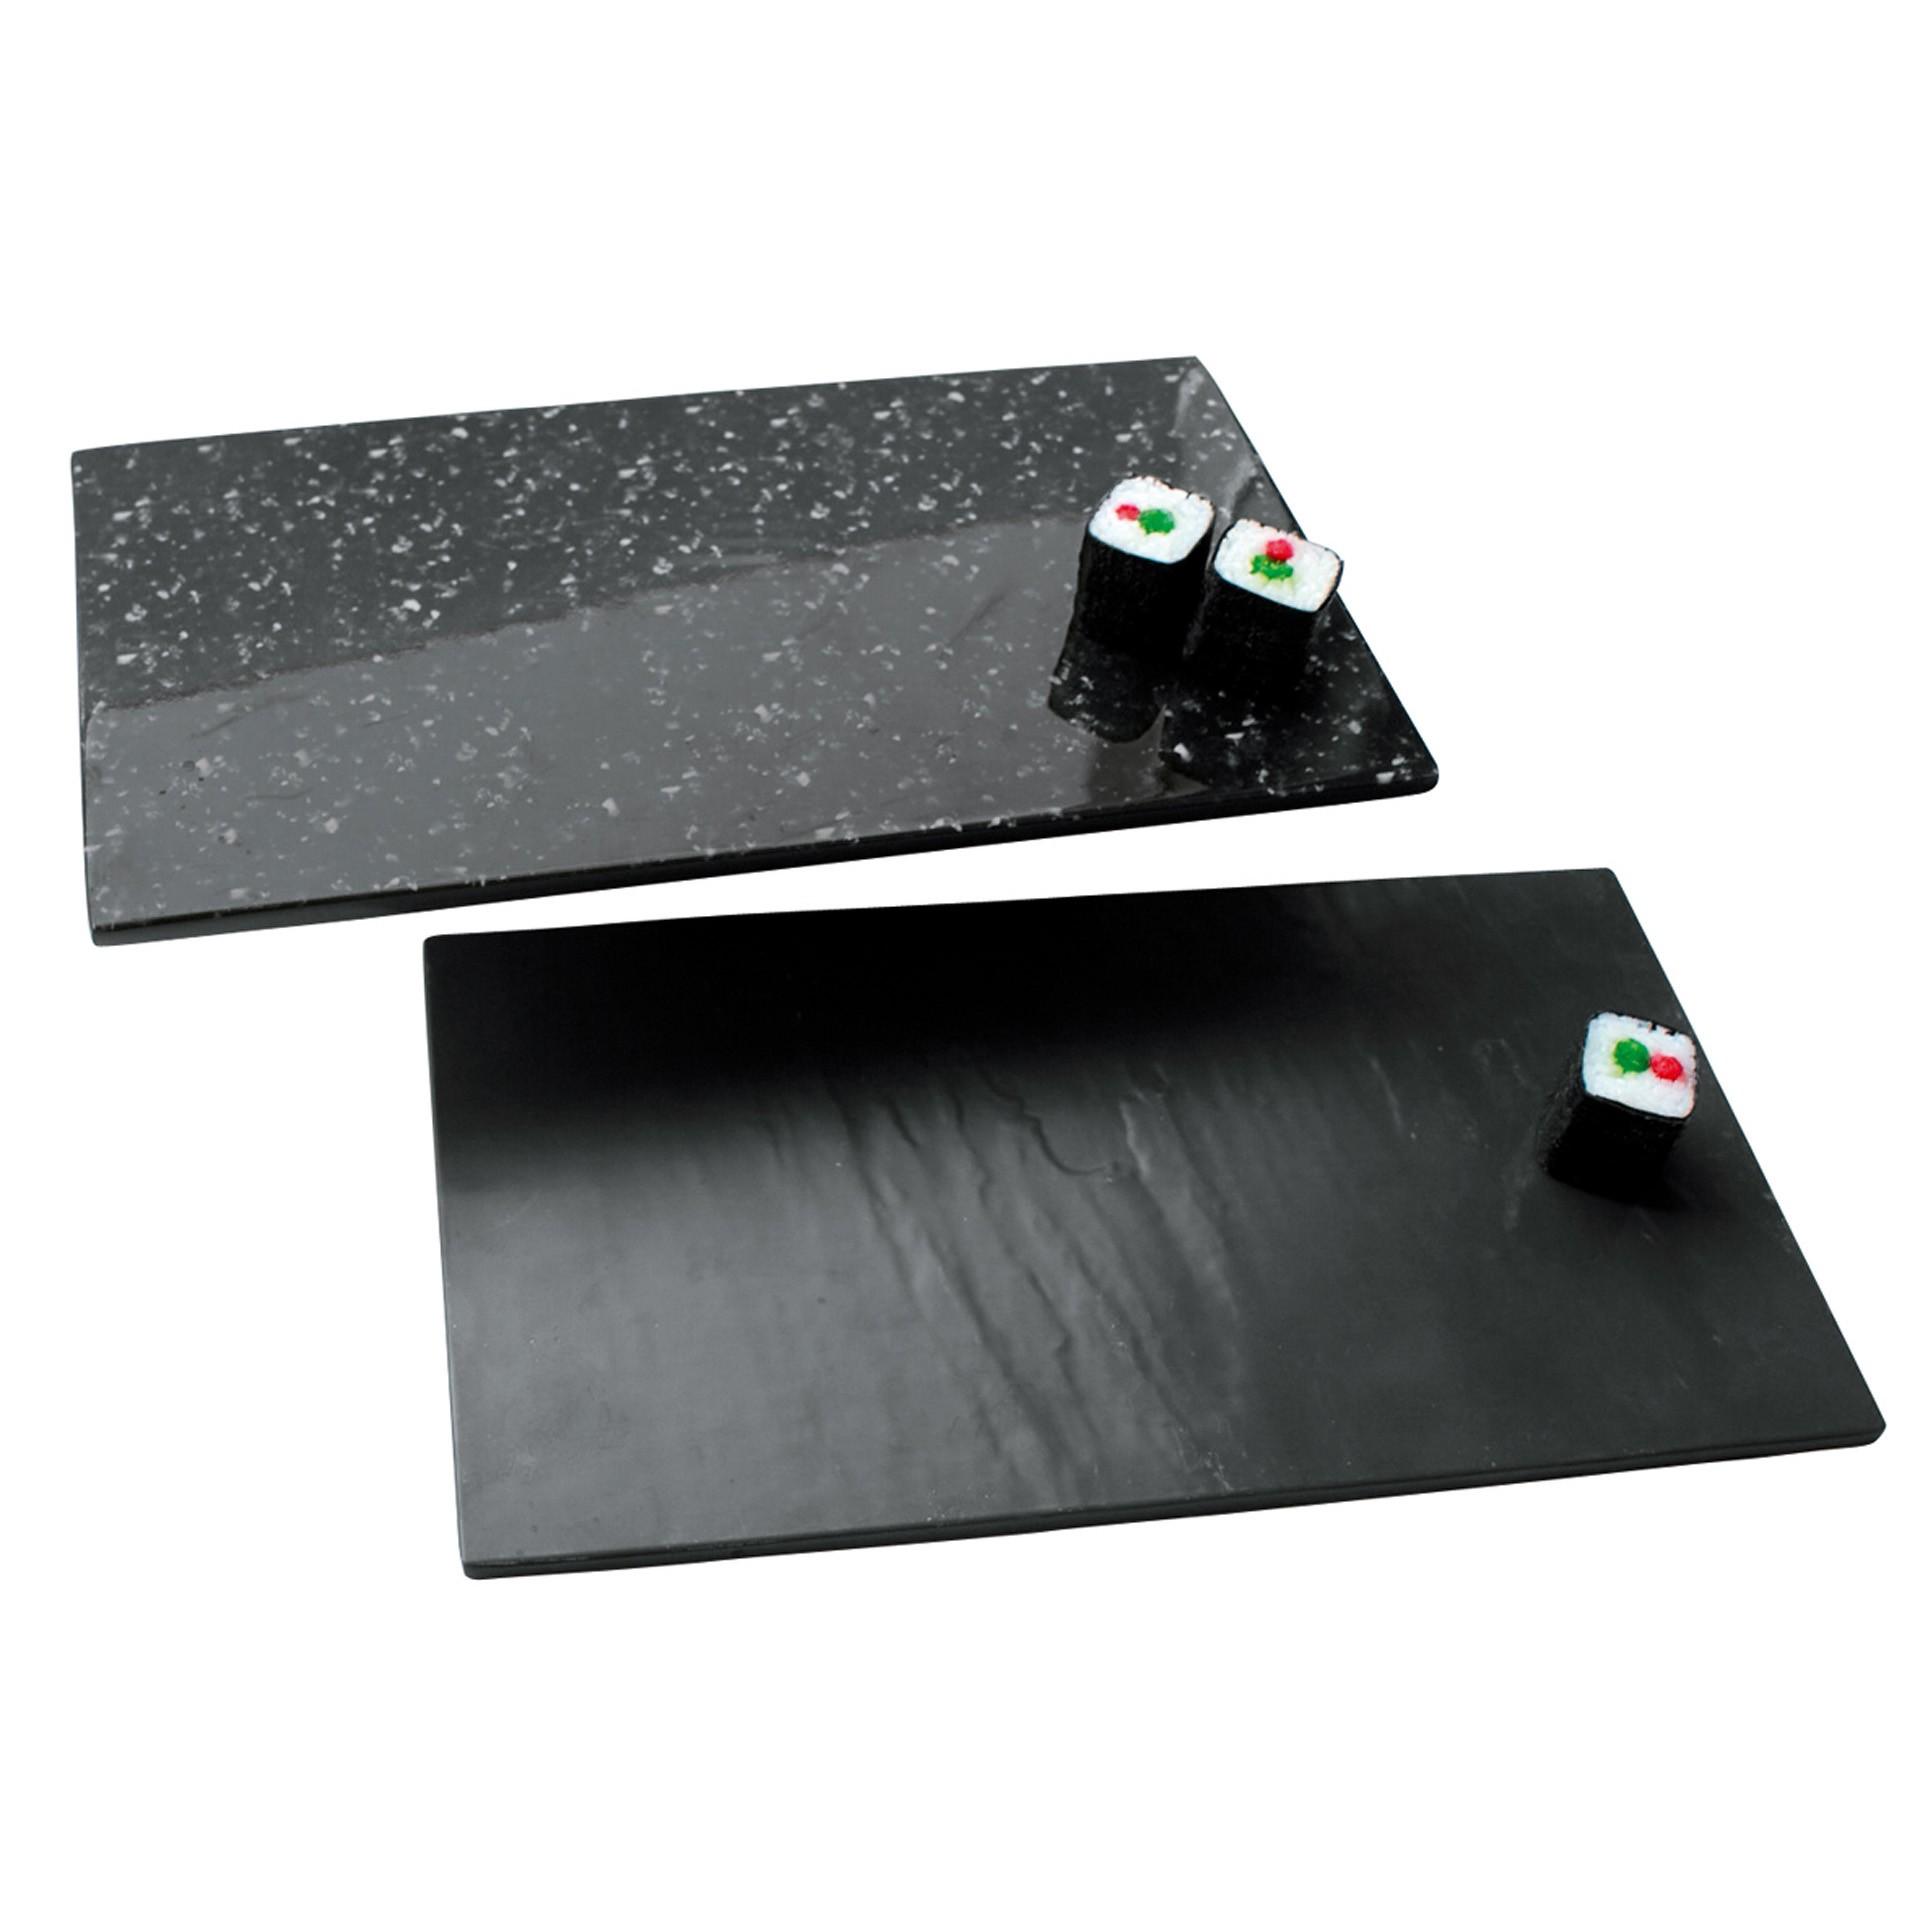 melamin servierplatte in schiefer granit optik jetzt kaufen. Black Bedroom Furniture Sets. Home Design Ideas